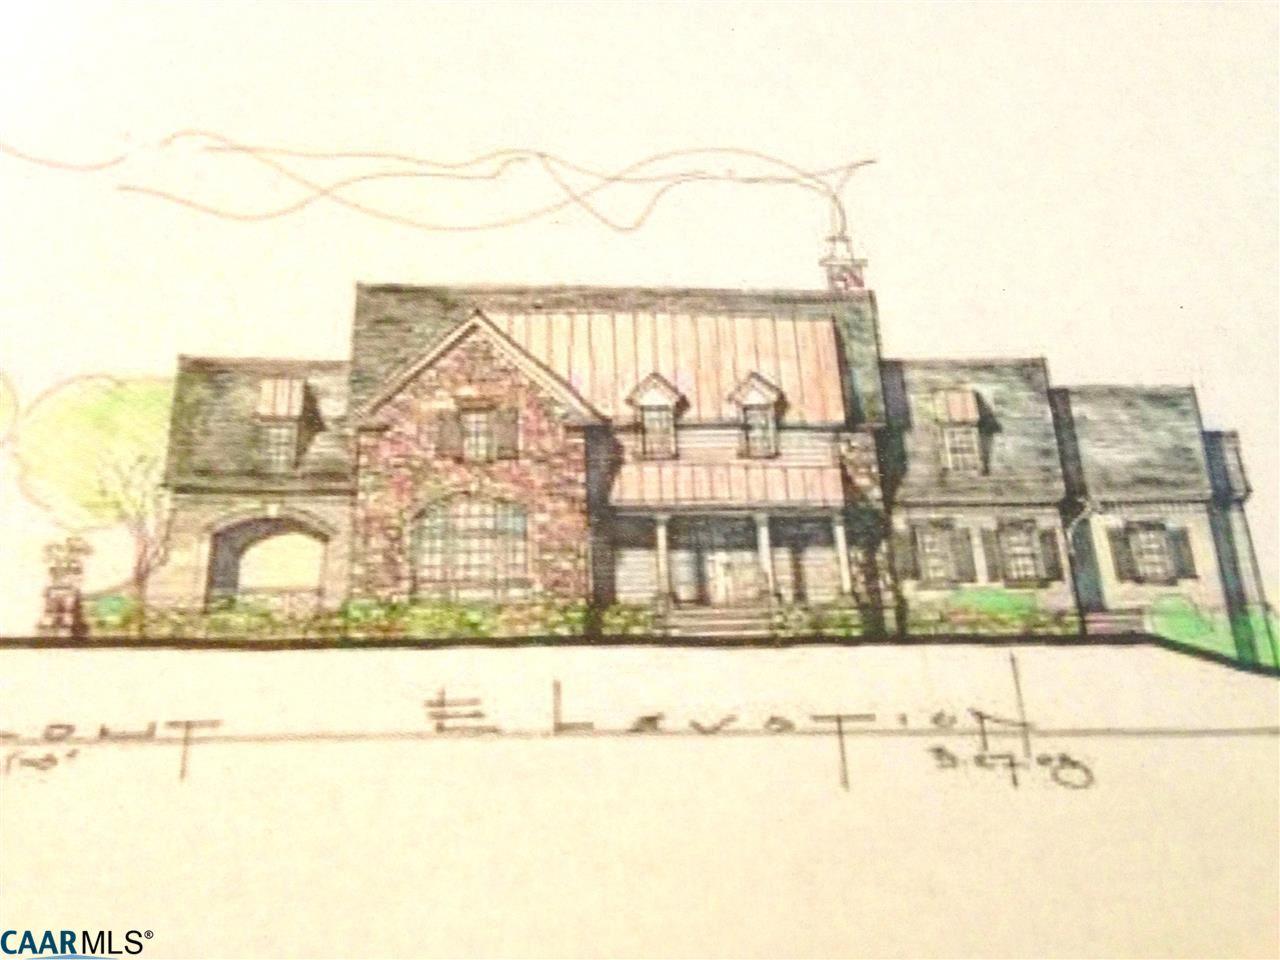 Photo of home at 4 club dr, keswick, VA